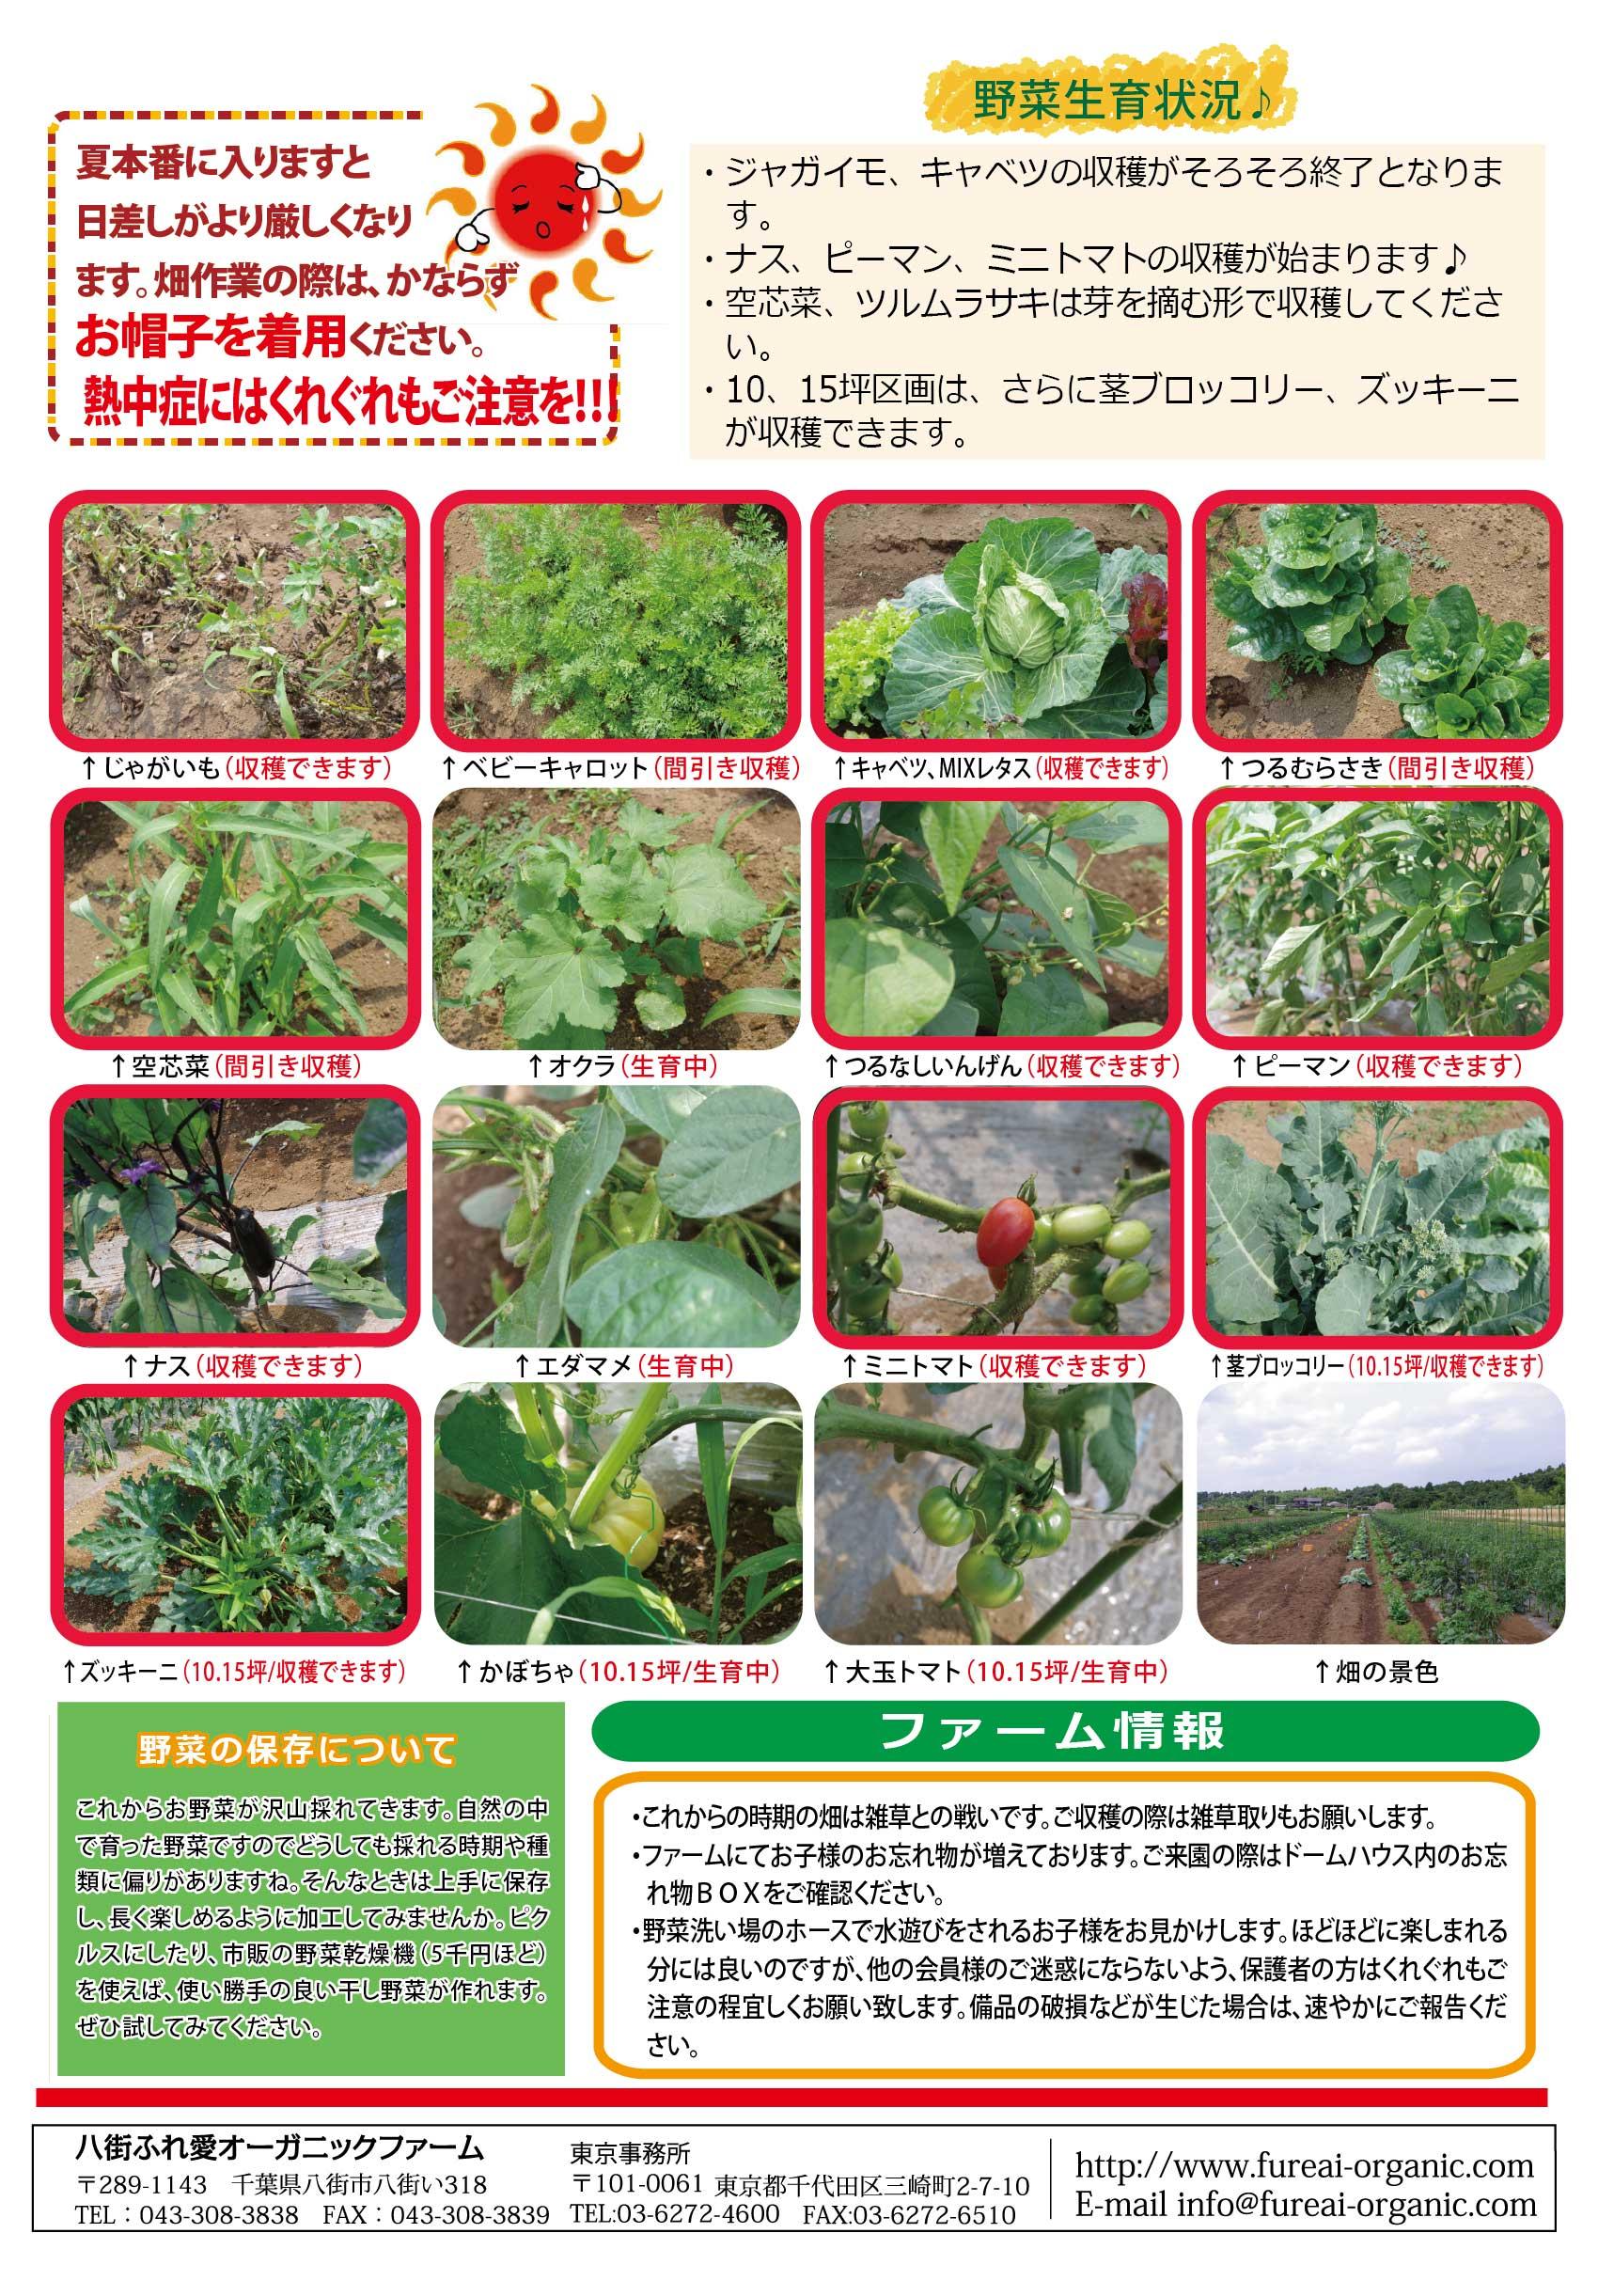 野菜生育状況 ジャガイモ・キャベツの収穫がそろそろ終了となります。ナス・ピーマン・ミニトマトの収穫が始まります♪空芯菜・ツルムラサキは芽を摘む形で収穫してください。10/15坪区画はさらに茎ブロッコリー、ズッキーニが収穫できます。